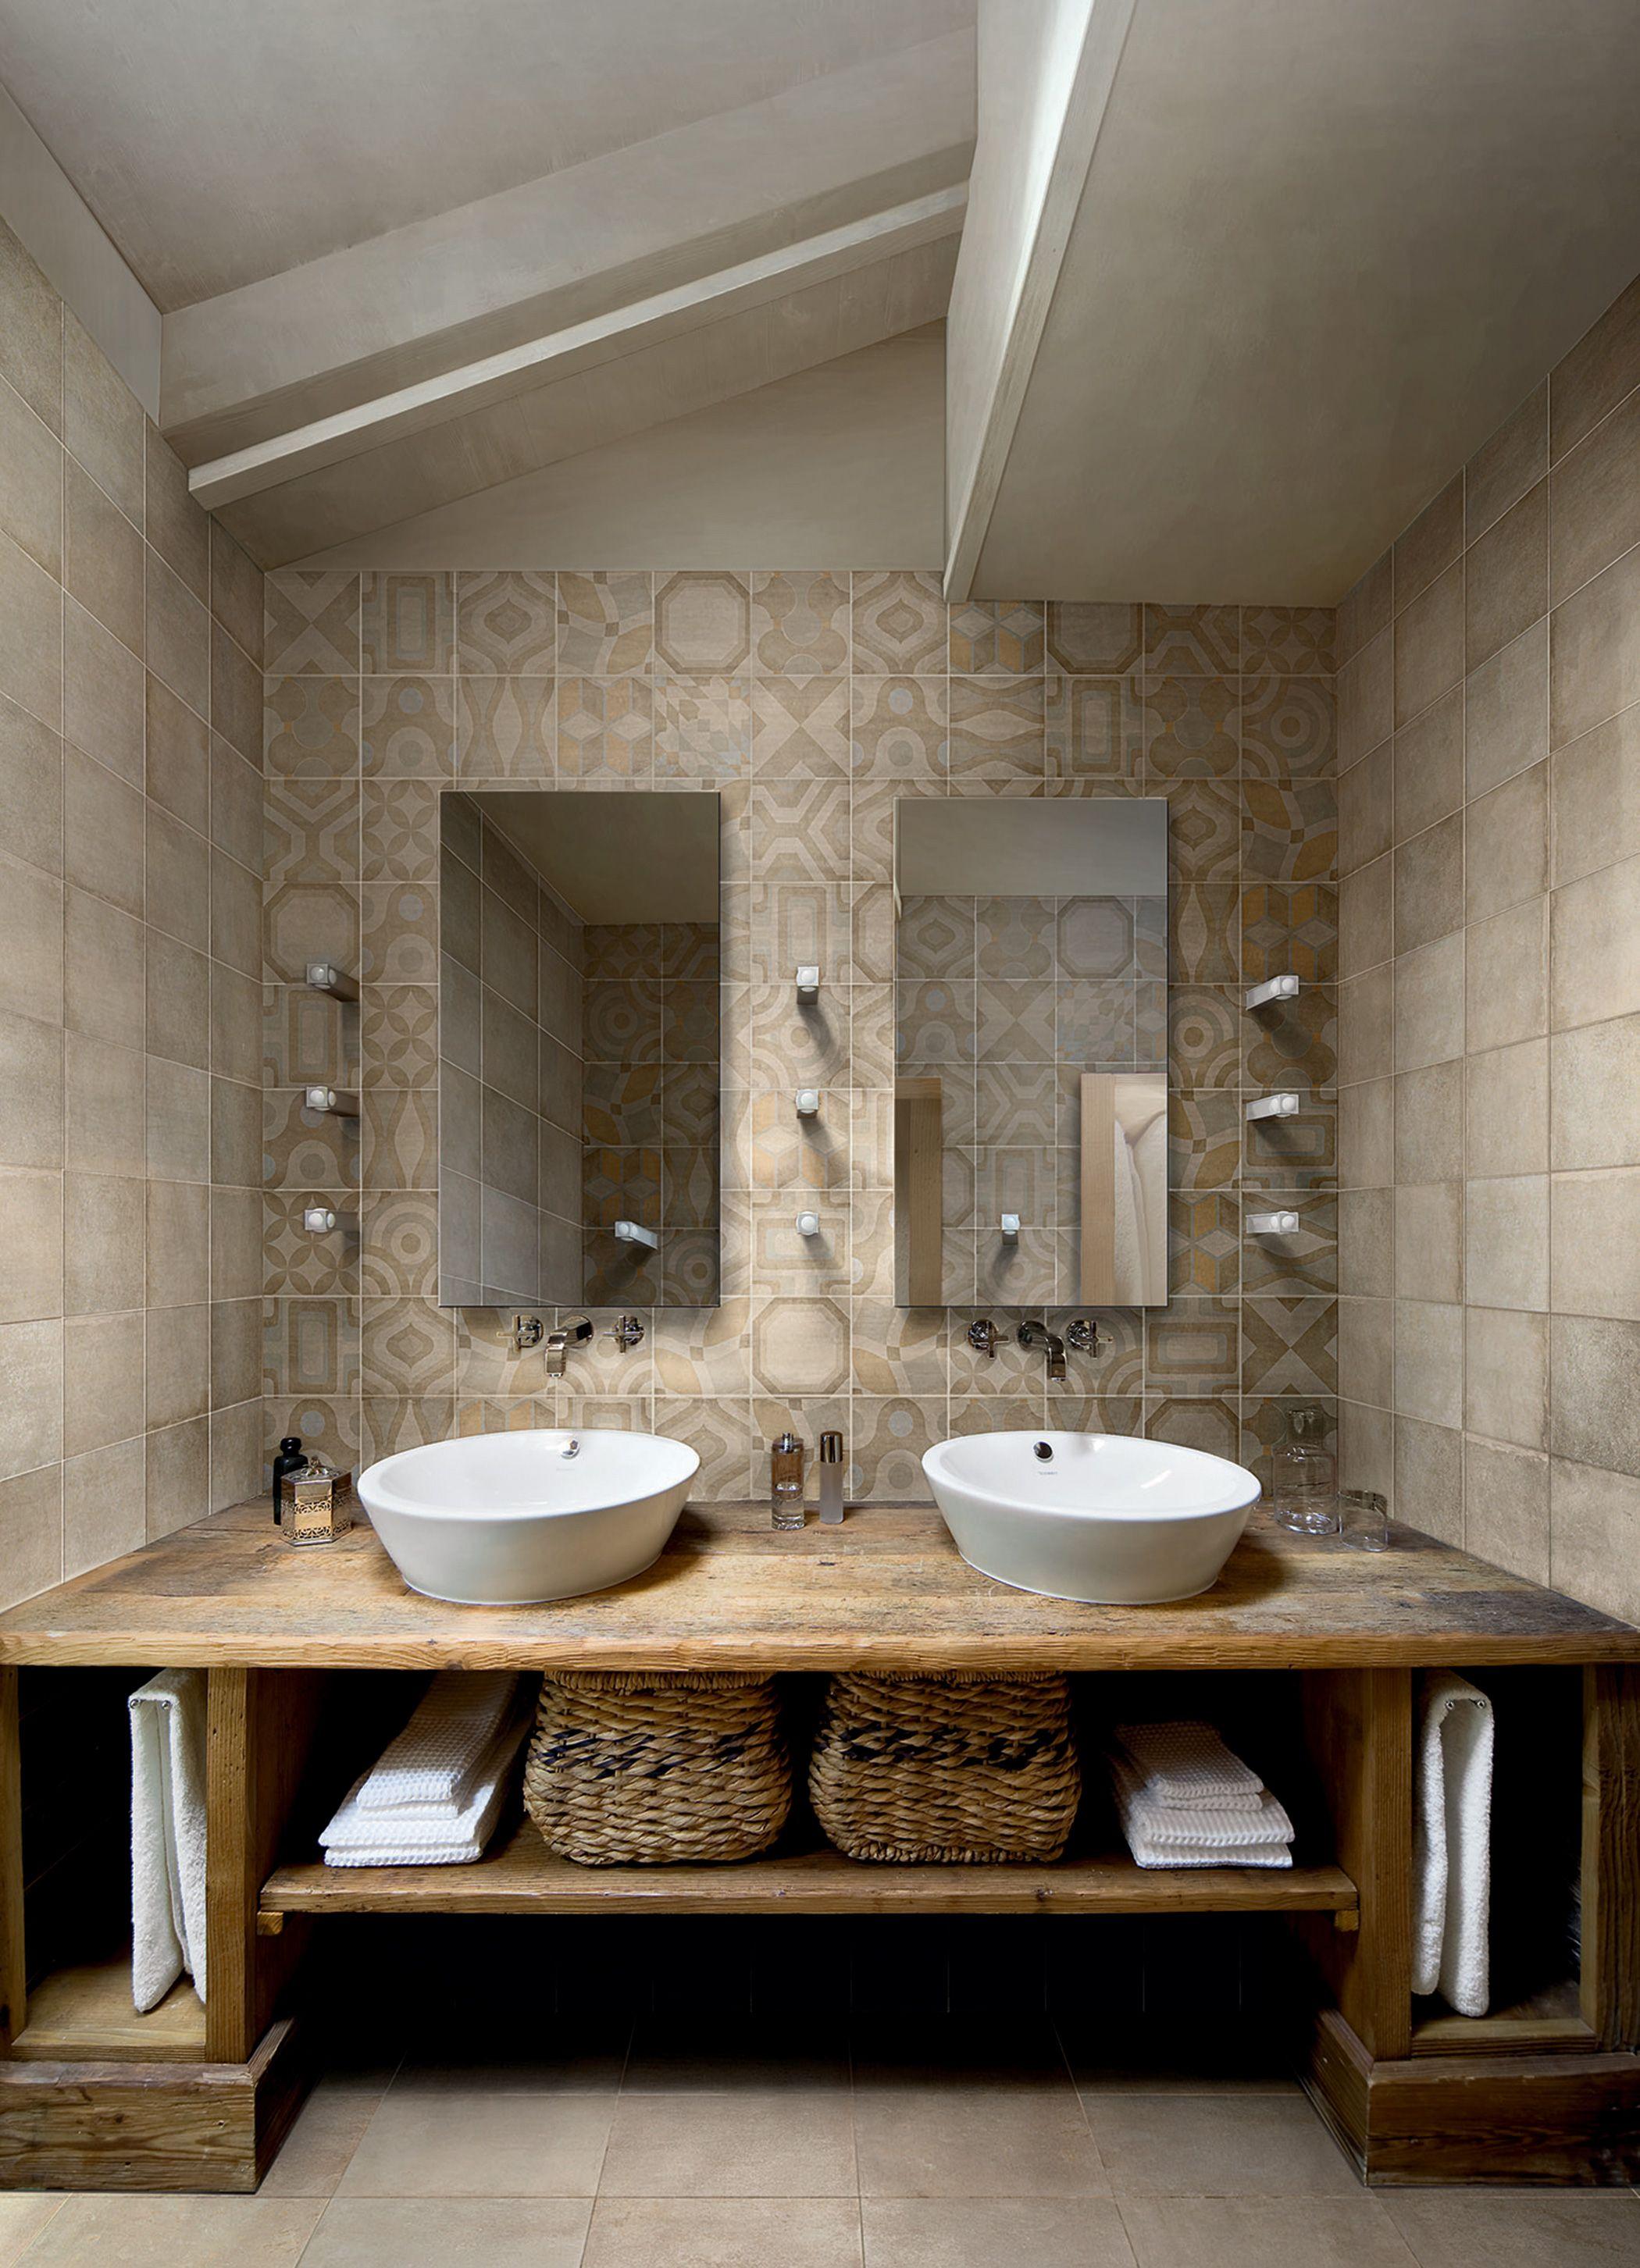 Memory Ambre Decor tiles carreaux porcelain porcelaine